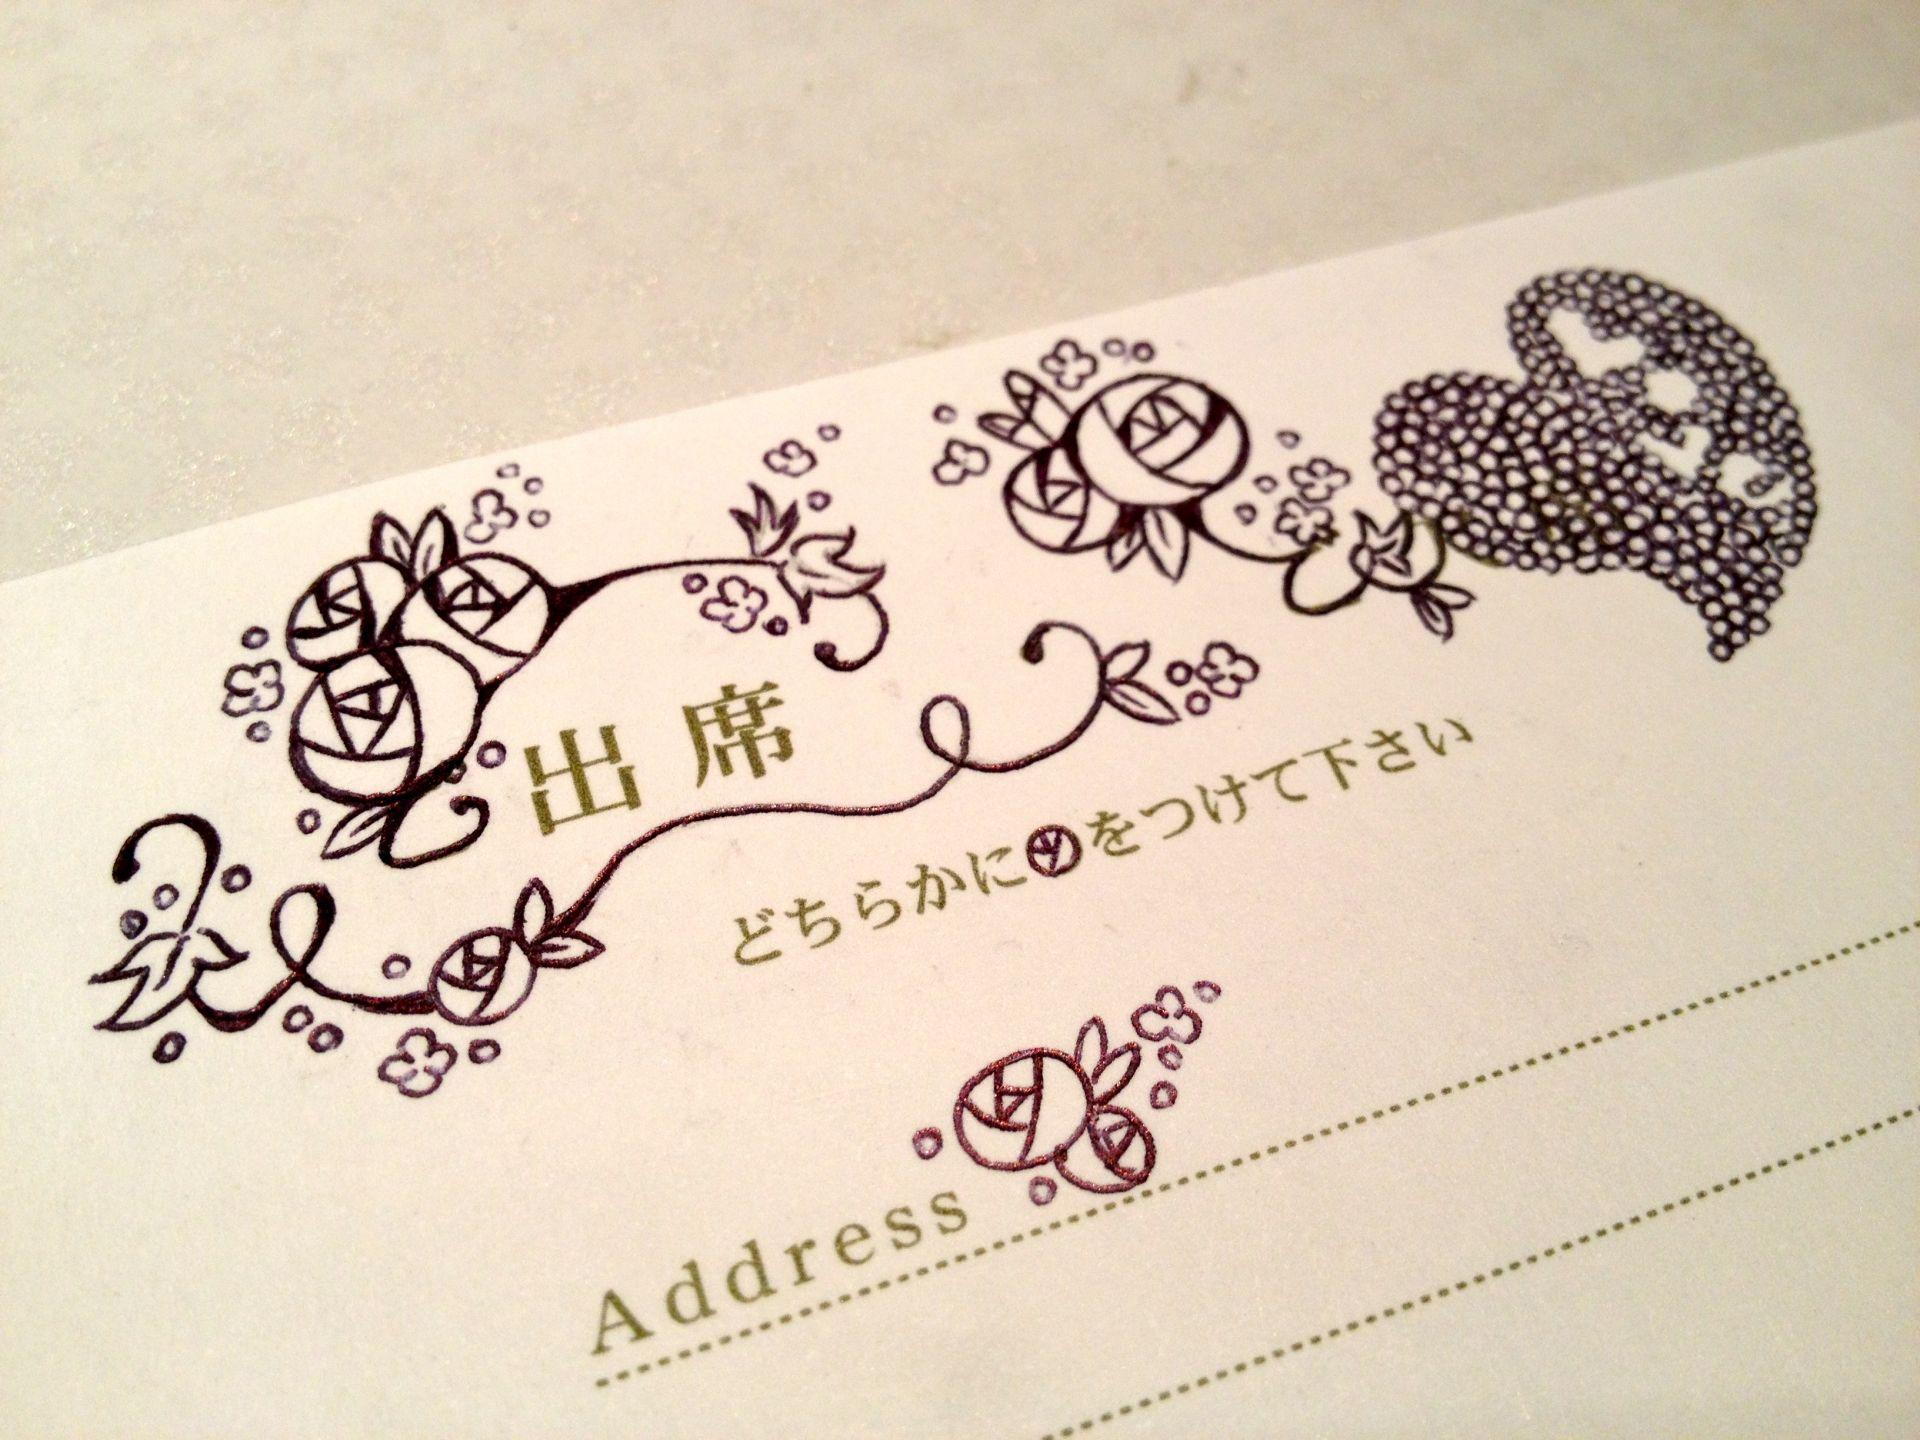 結婚式の招待状をもらったらイラストで返信アートに挑戦アイディアを 結婚式 招待状 返信 イラスト 招待状 返信 イラスト 結婚式 招待状 返信